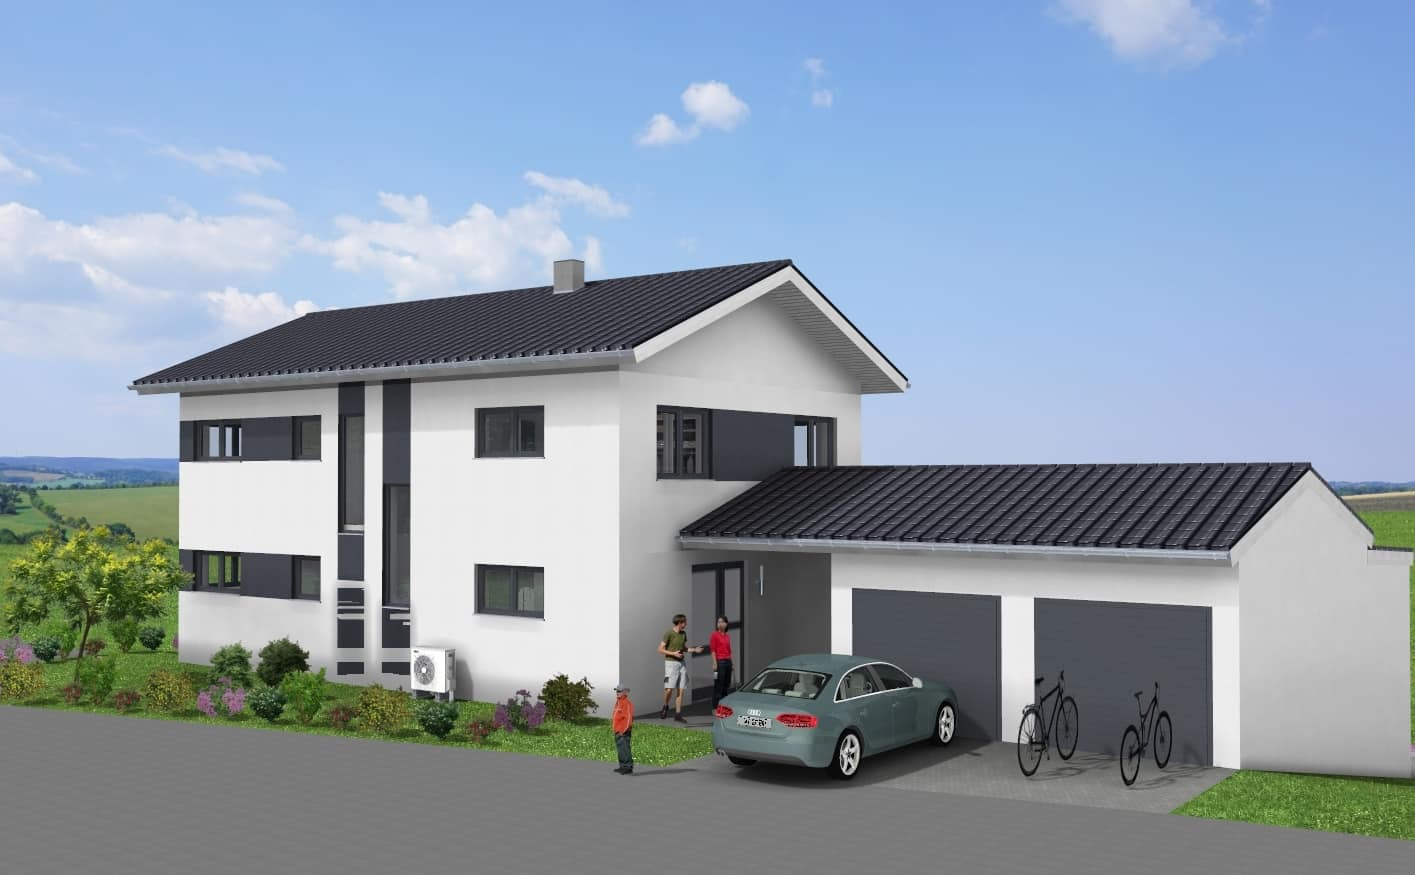 Einfamilienhaus mit Einliegerwohnung im Untergeschoss in 97222 Rimpar